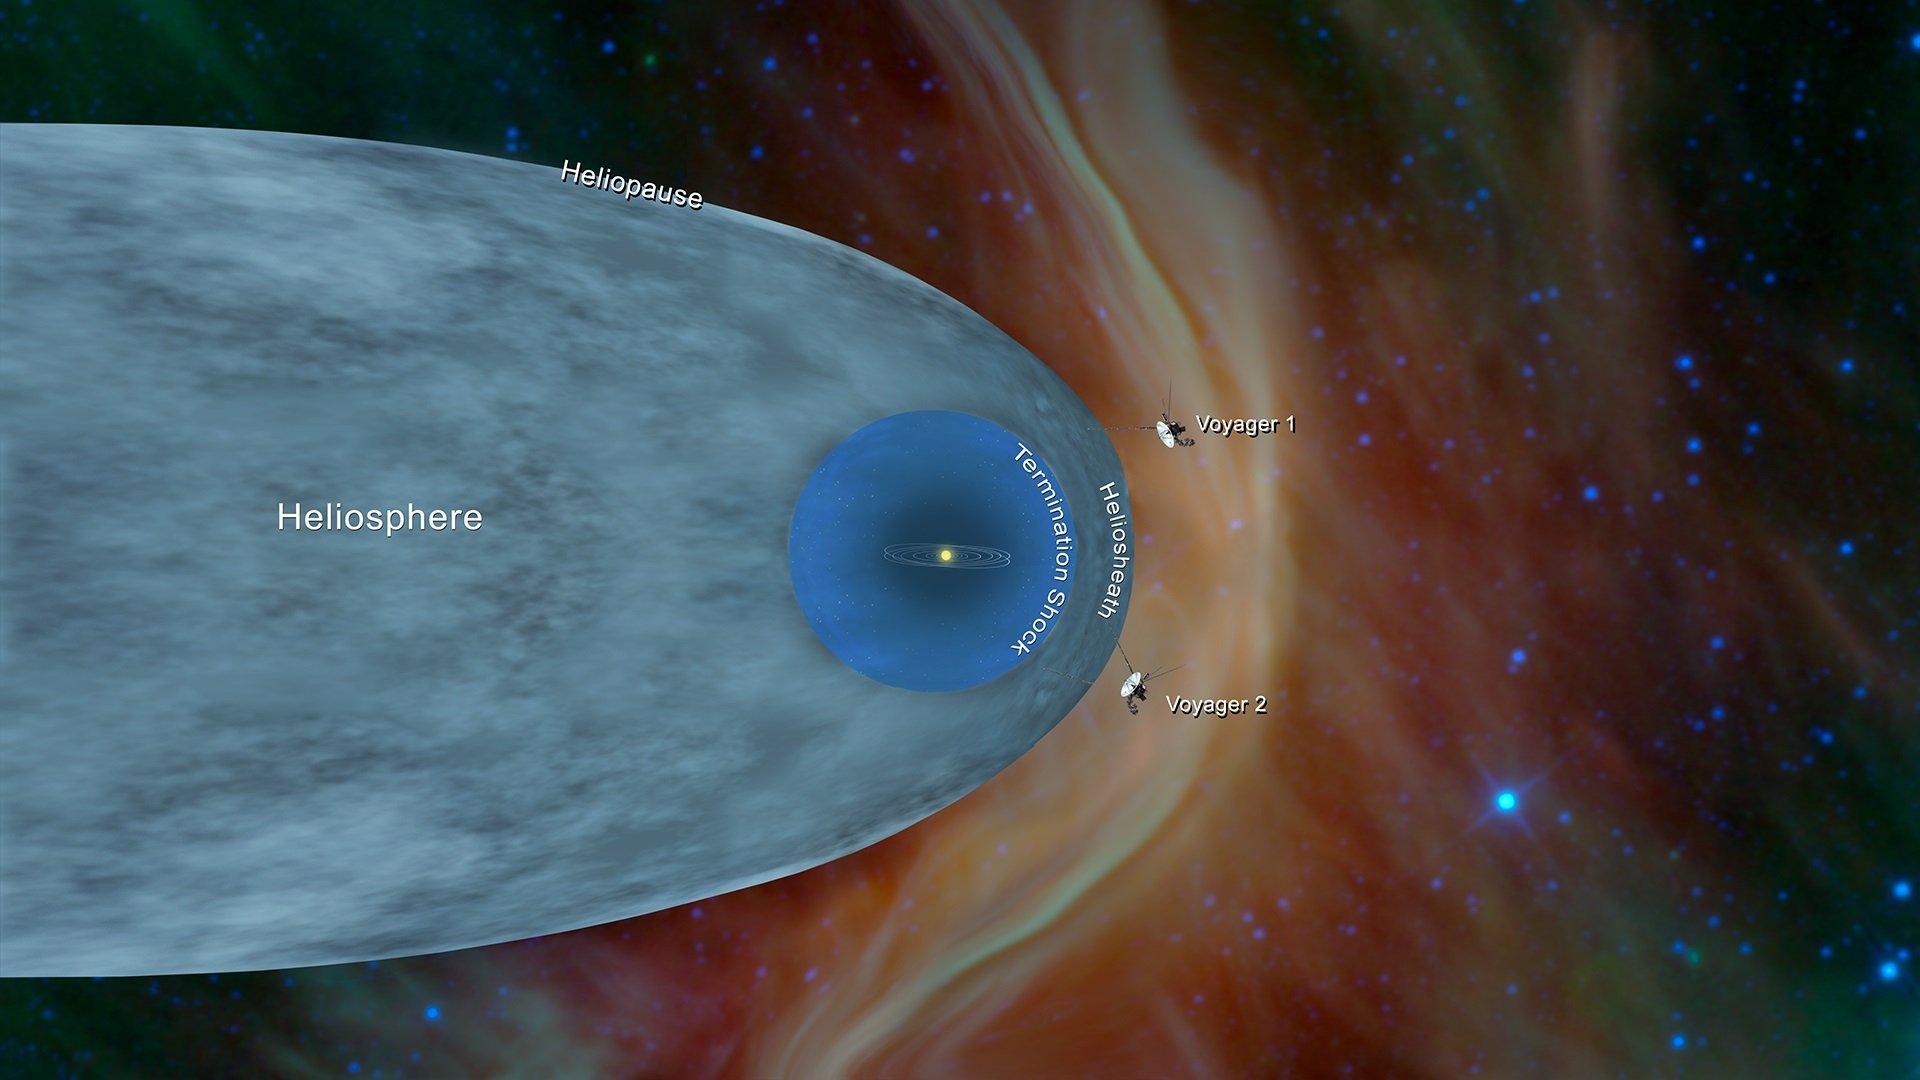 太陽圈及旅行者太空器的藝術設想圖。其中下方的太空器為旅行者二號(Voyager 2)。(NASA/JPL-Caltech)